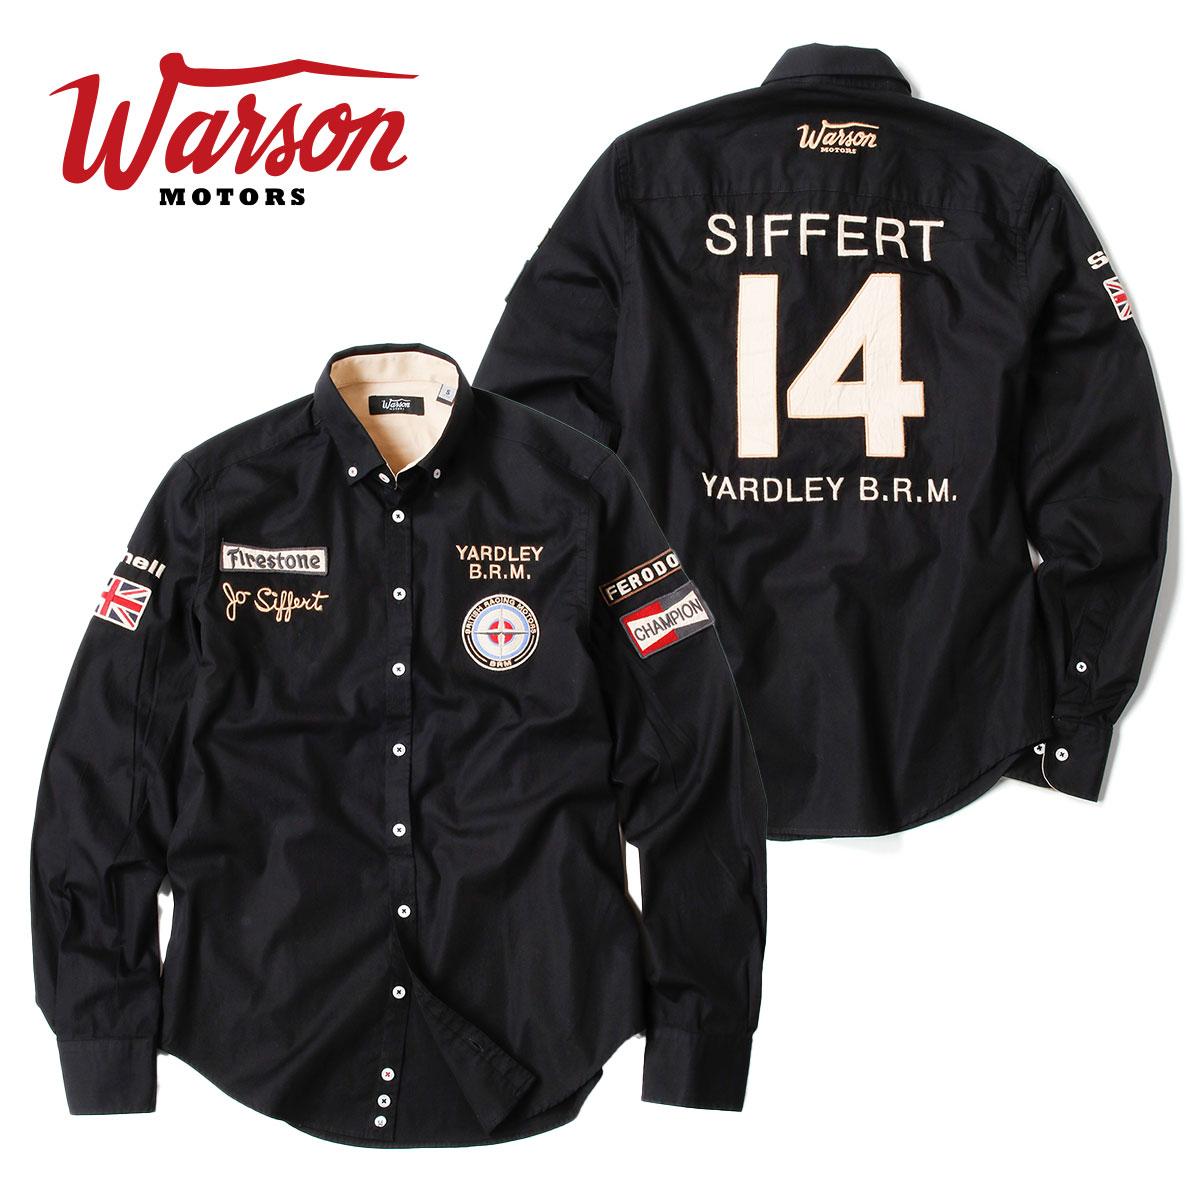 【ワーソンモータース/Warson Motors】B.R.M シャツ メンズ 長袖 ジョー・シフェール F1 B.R.M P160